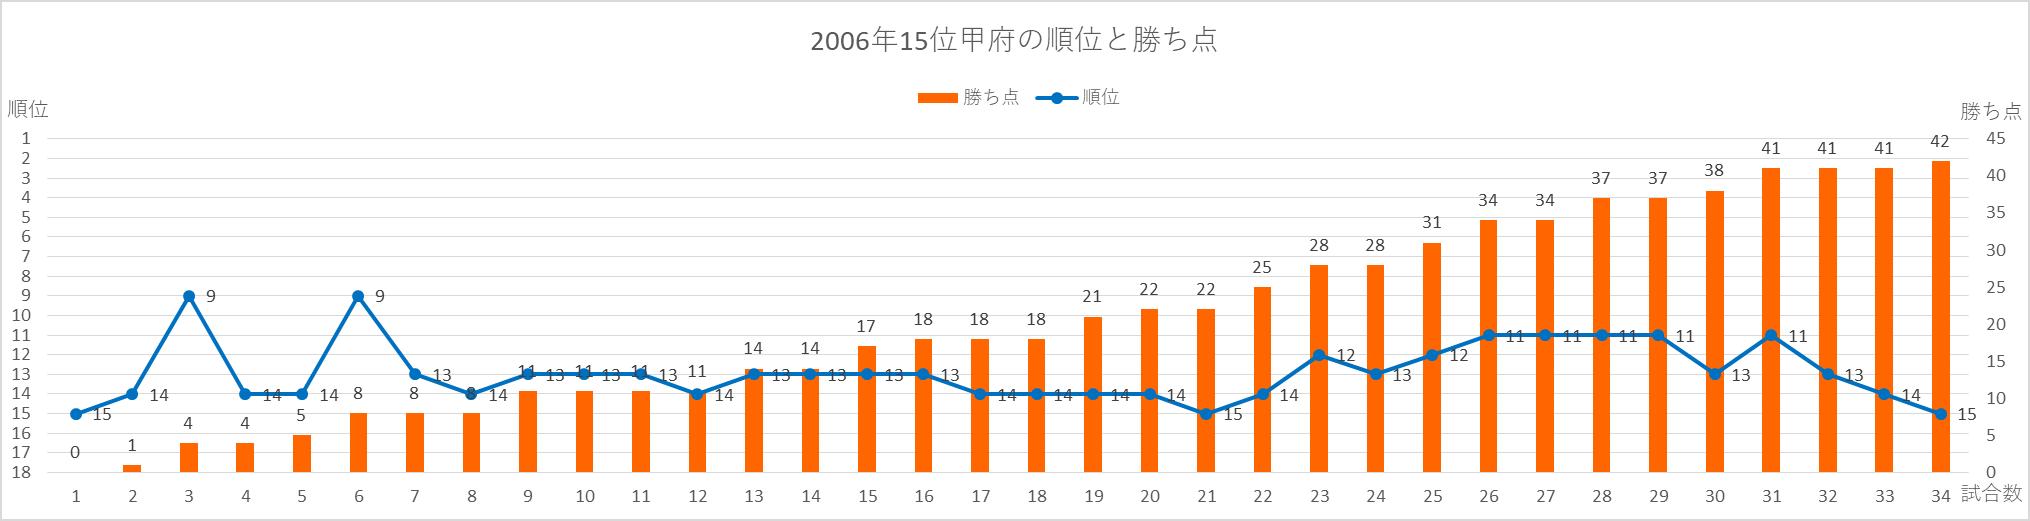 2006甲府の順位と勝ち点の推移